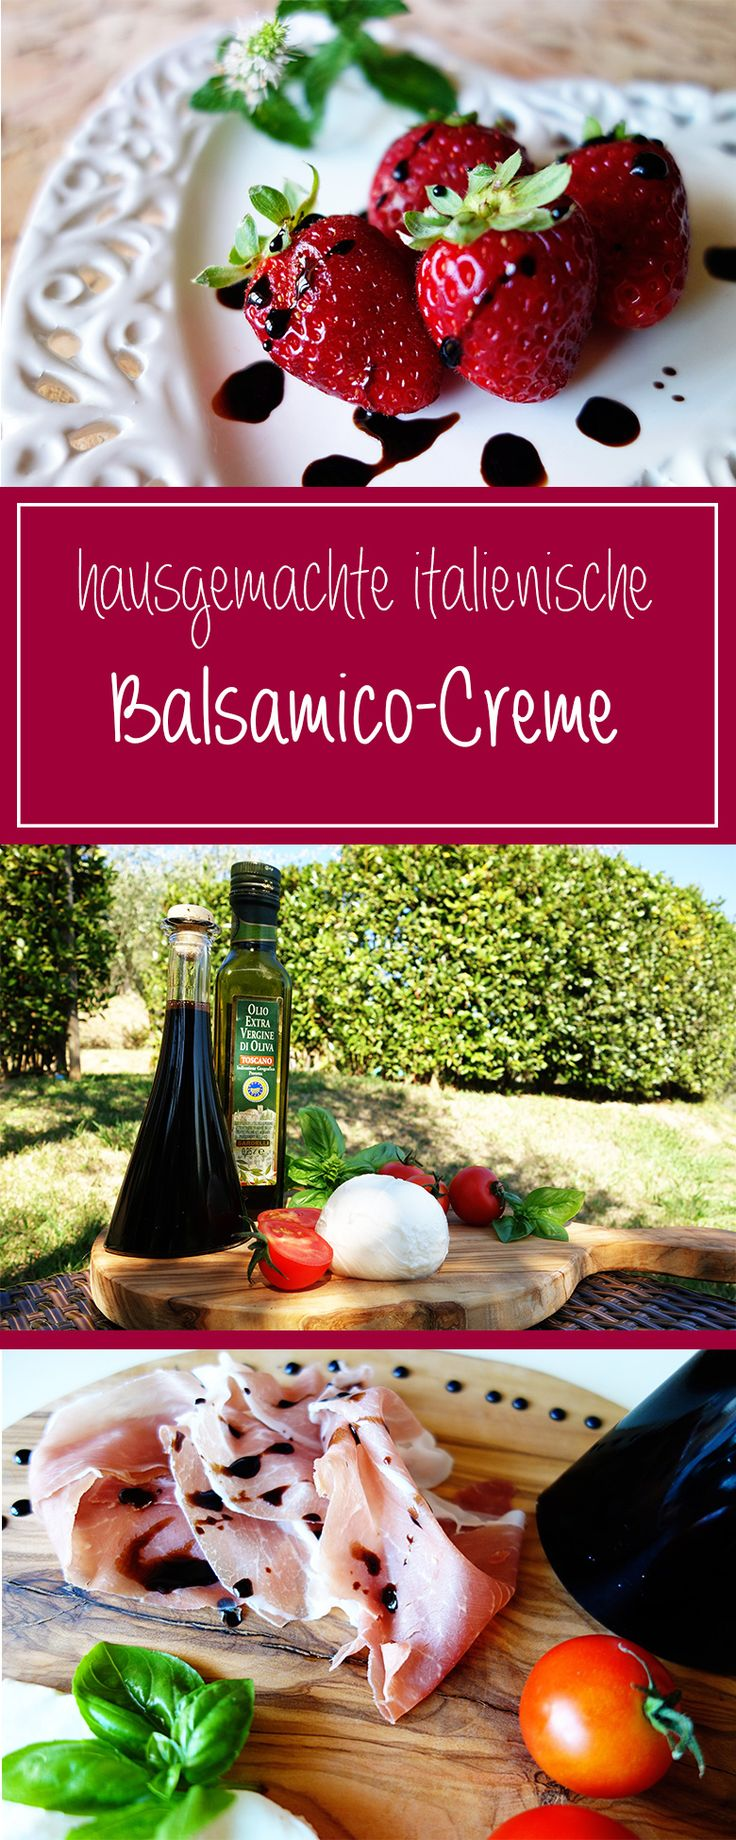 Hausgemachte Balsamico-Creme - ein herrlich einfaches italienisches Rezept mit nur zwei Zutaten, das um ein Vielfaches besser & gesünder ist als die Gekaufte! Cremig-süß sowohl für herzhafte als auch würzige Gerichte!  | cucina-con-amore.de